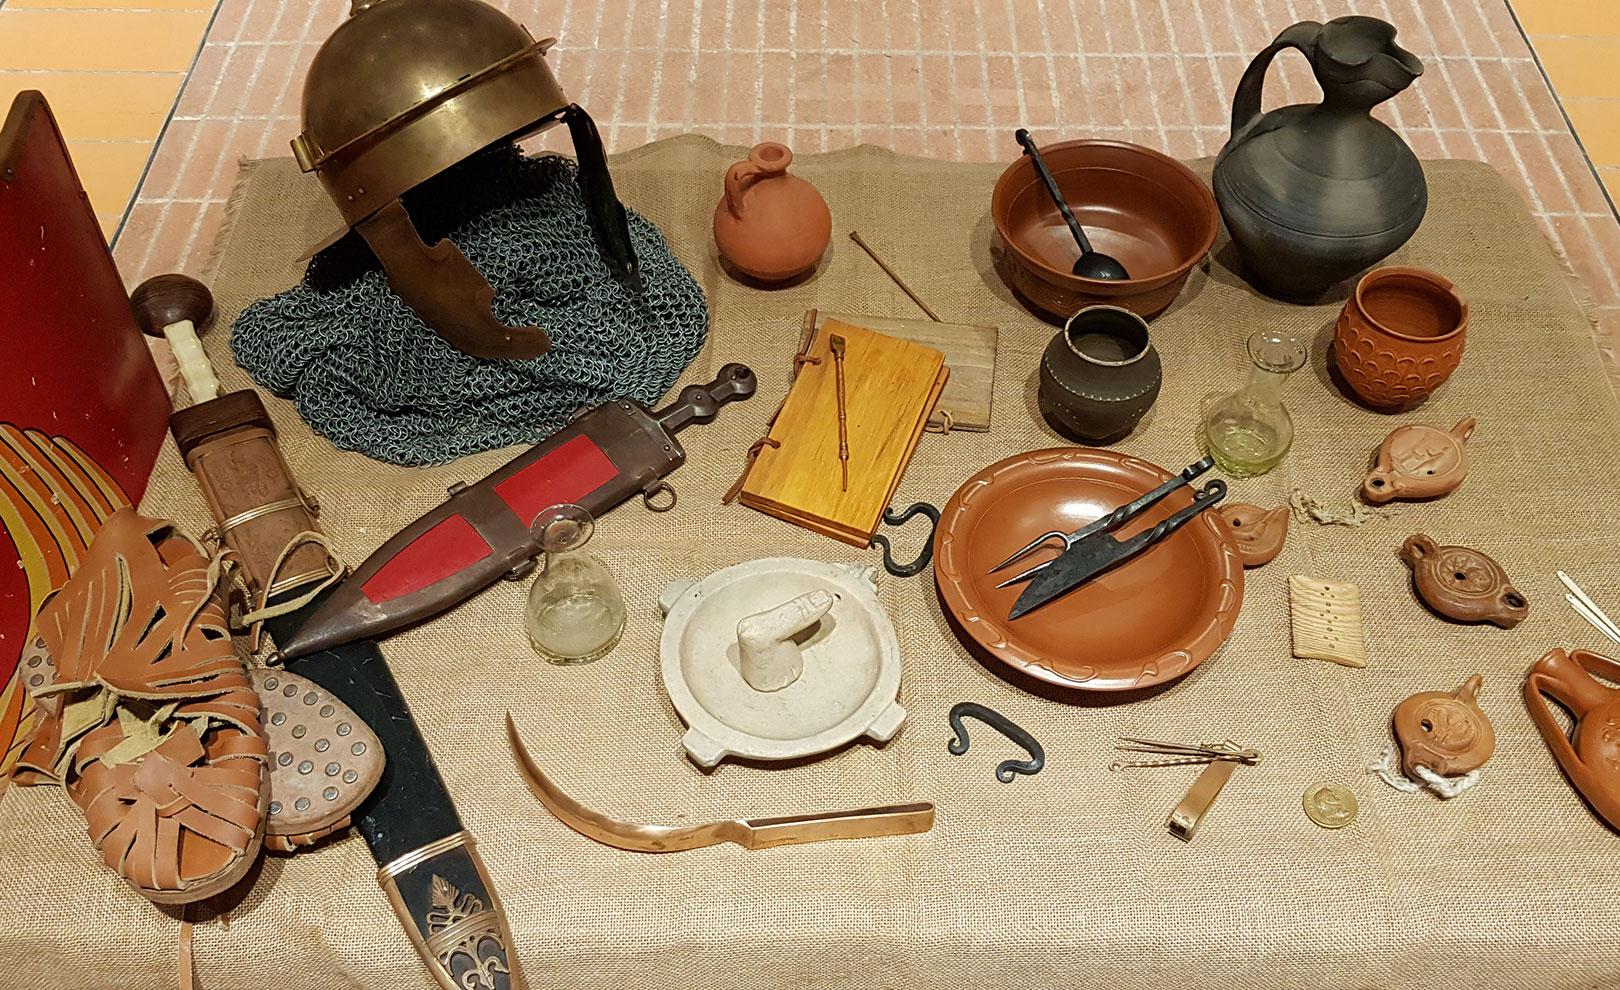 Les mercredis romains